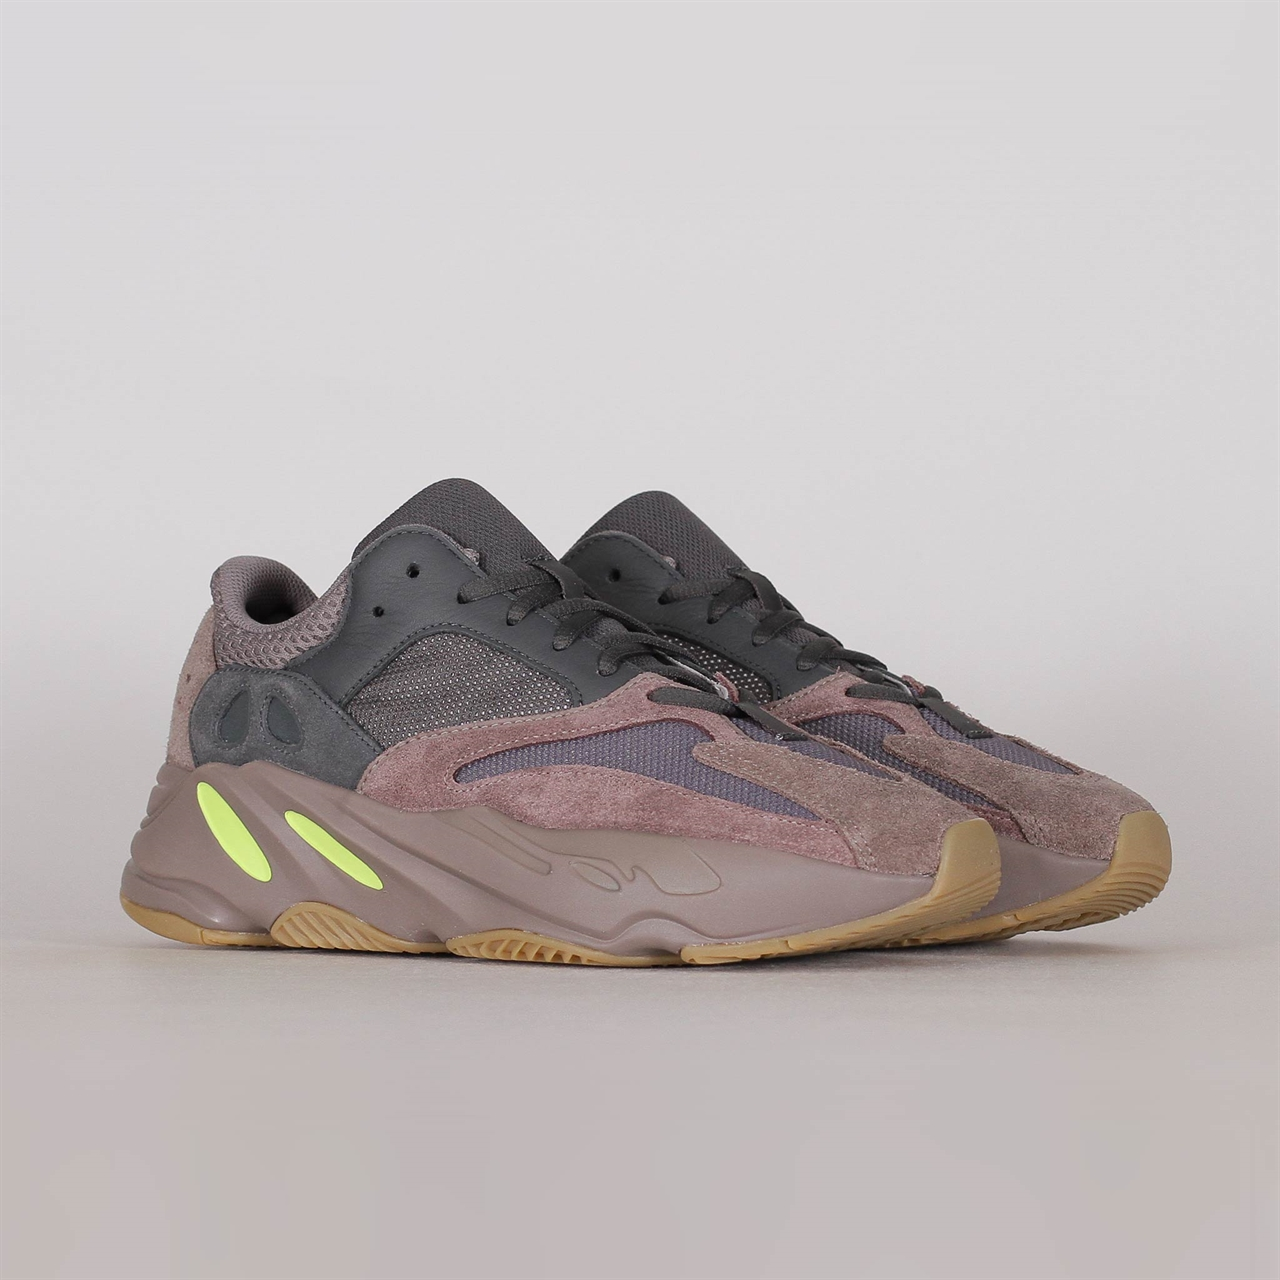 c3742c989b396c Shelta - Adidas Originals Yeezy Boost 700 (EE9614)